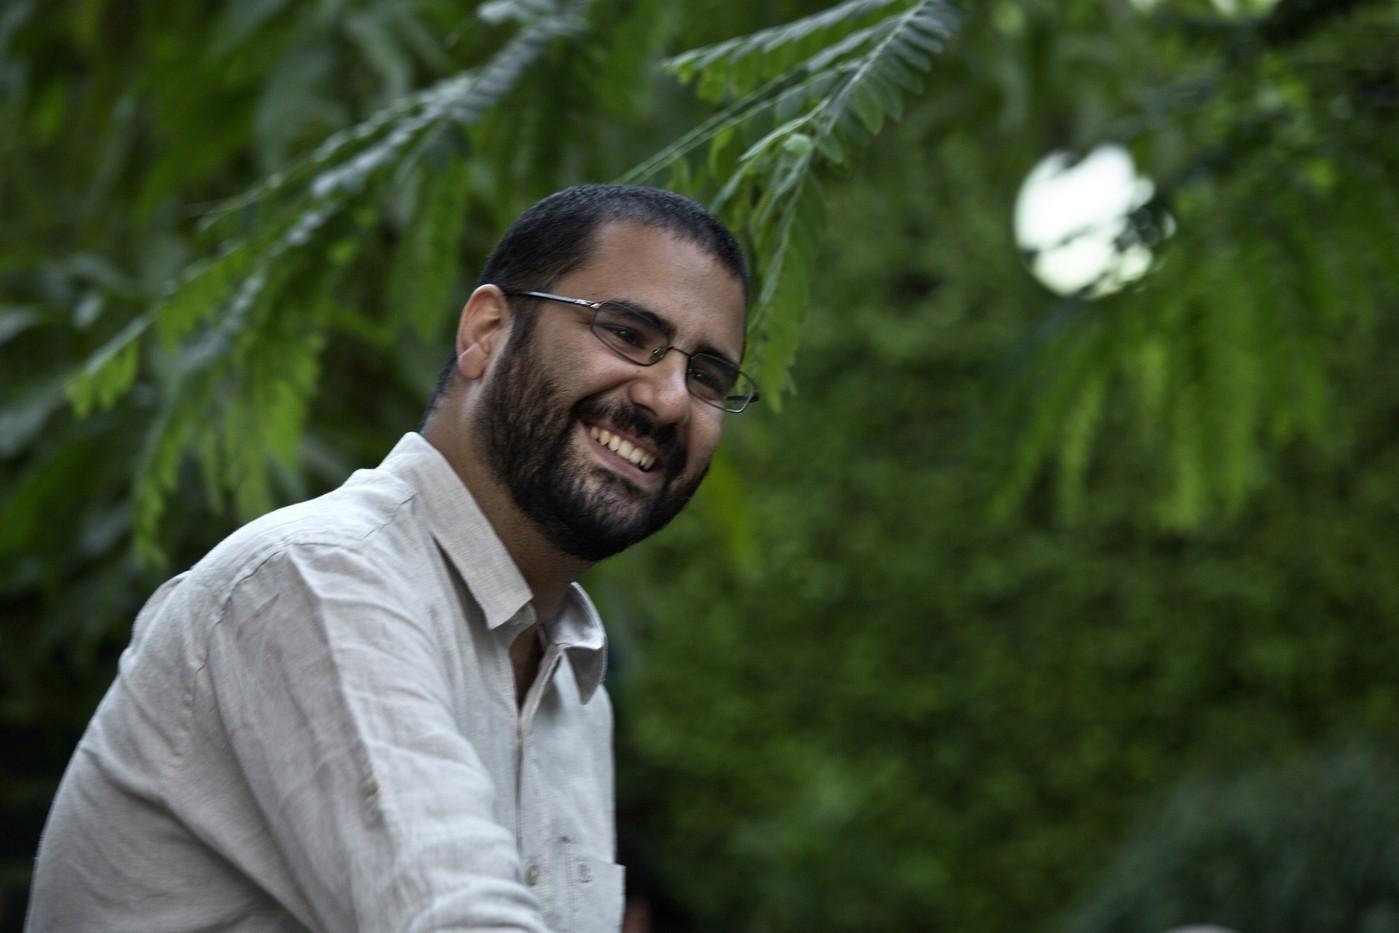 Alaa Abdelfattah